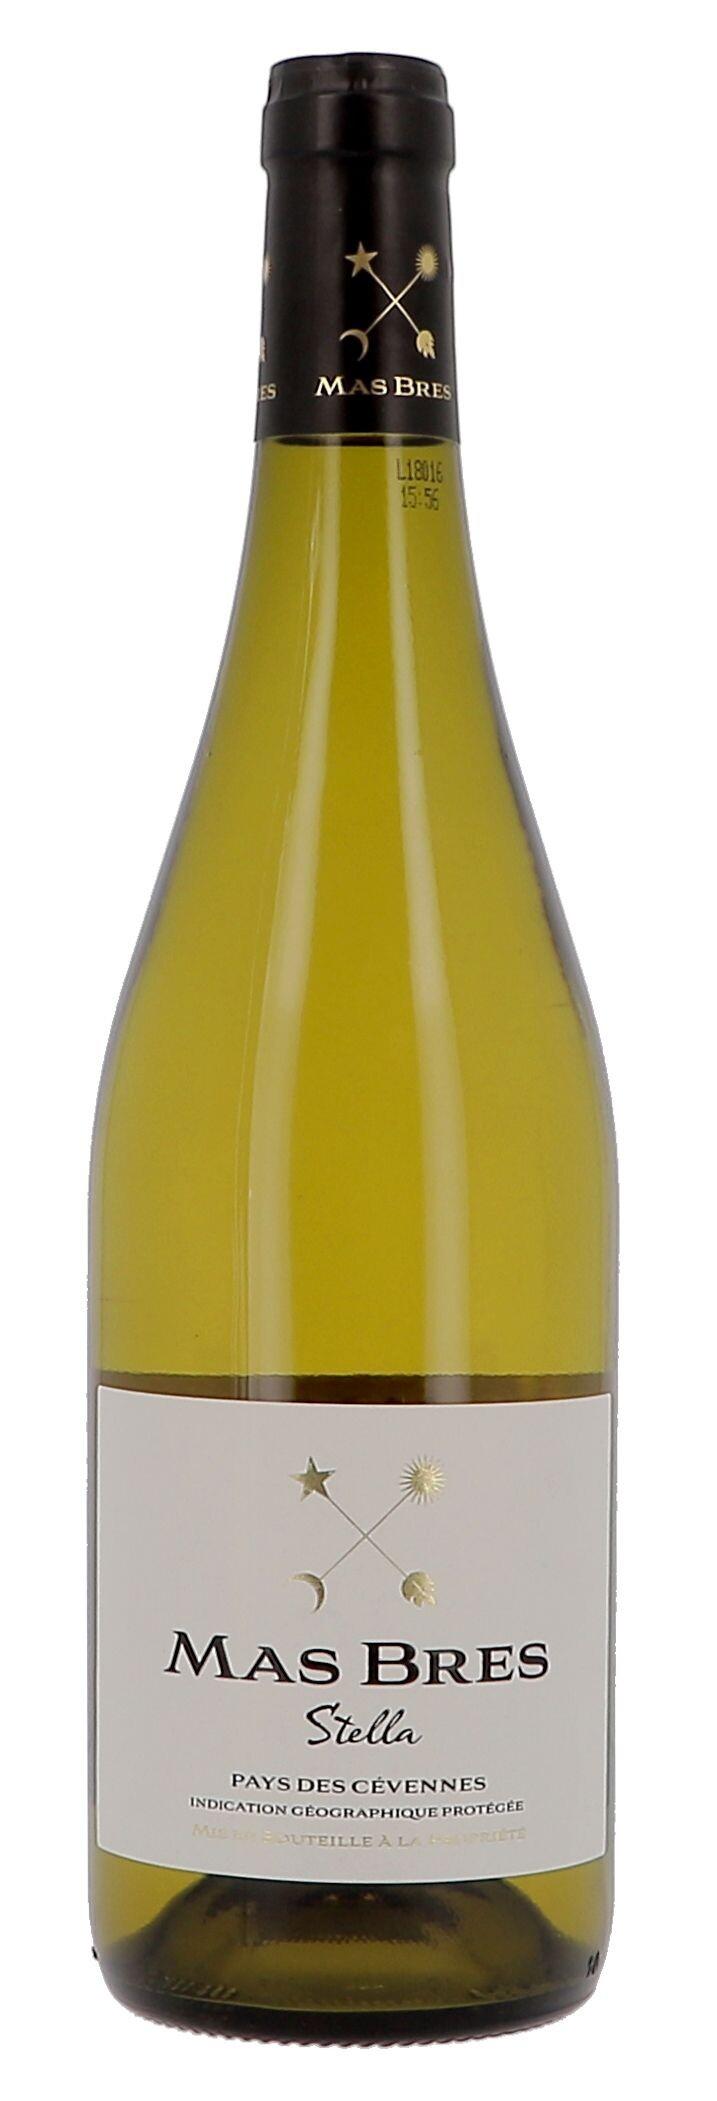 Mas Bres Stella white 75cl 2017 Domaine de Gournier IGP Pays des Cevennes (Wijnen)